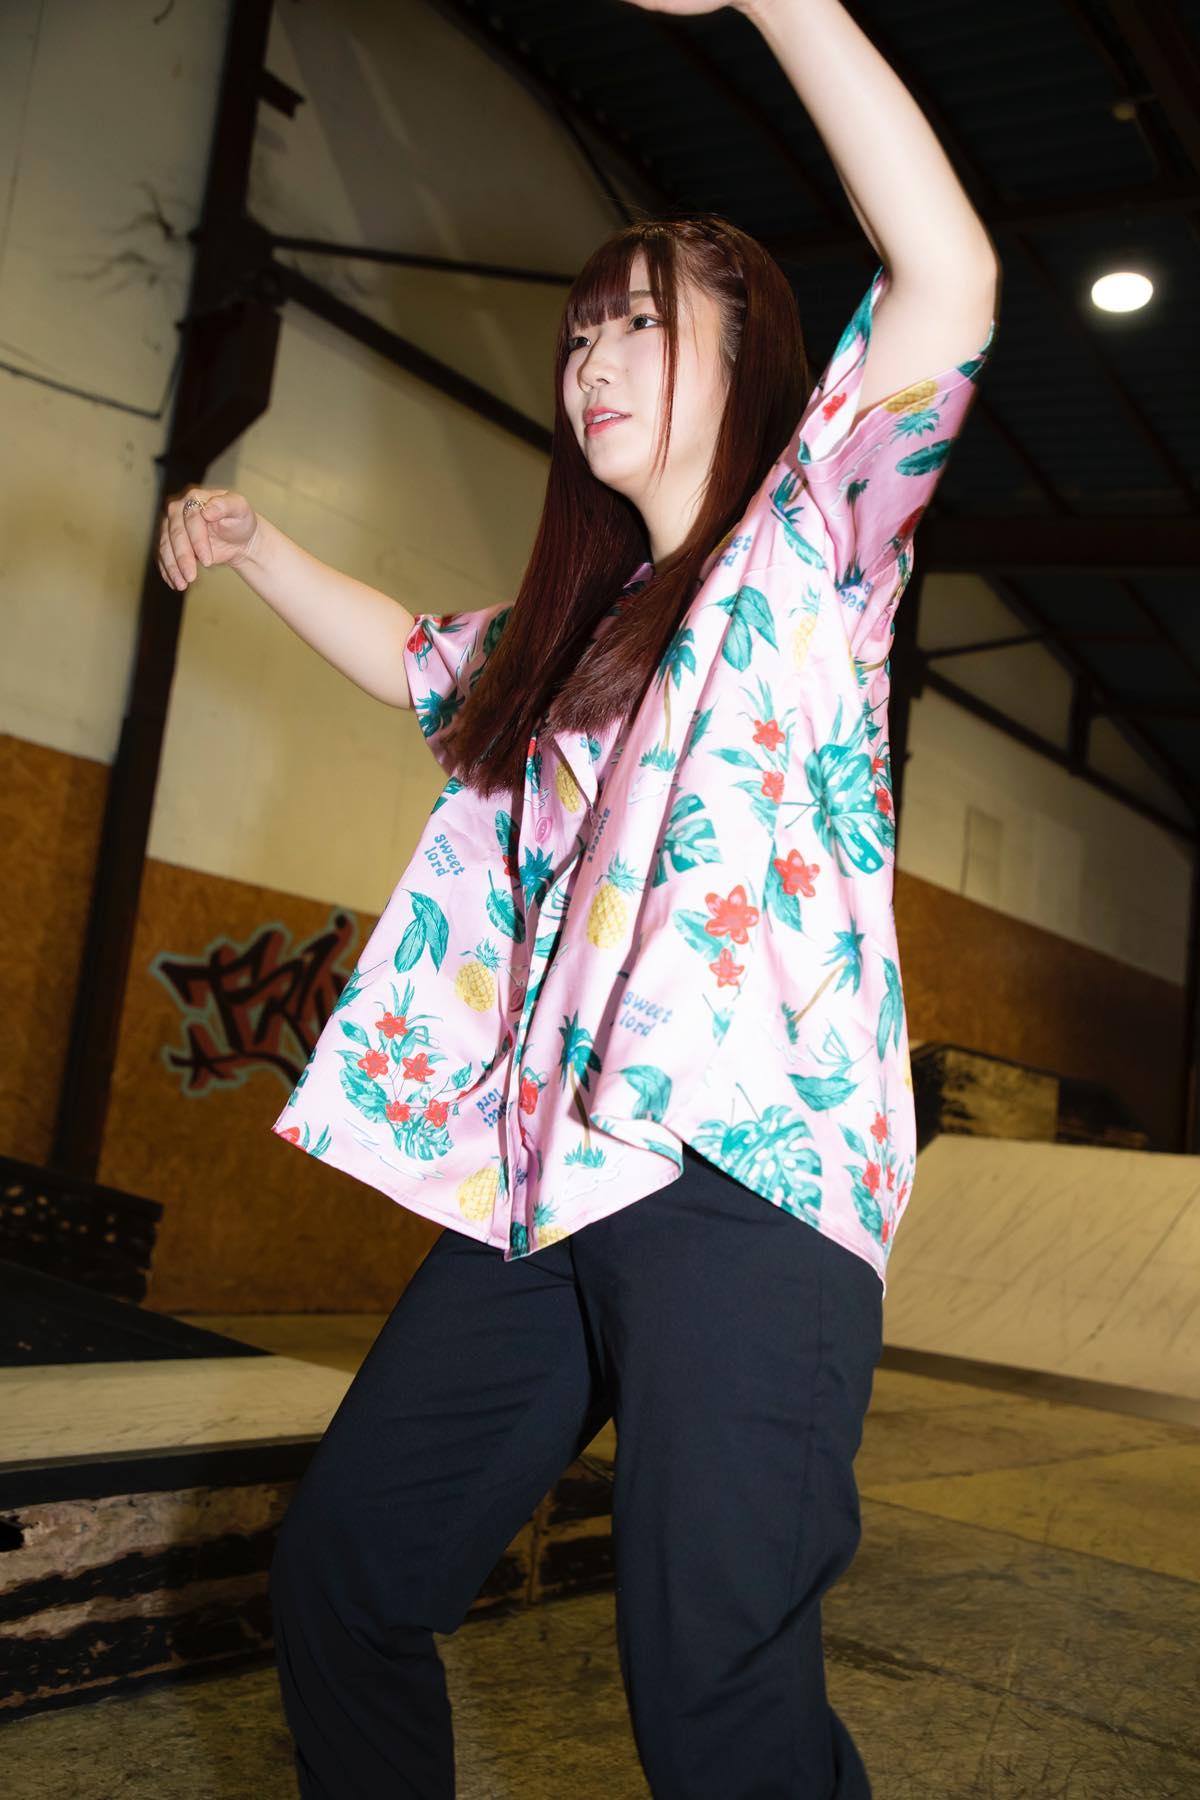 米田みいな「初めてのインラインスケートでなぜかにゃんこスターのモノマネ!?」【写真37枚】【連載】ラストアイドルのすっぴん!vol.21の画像019